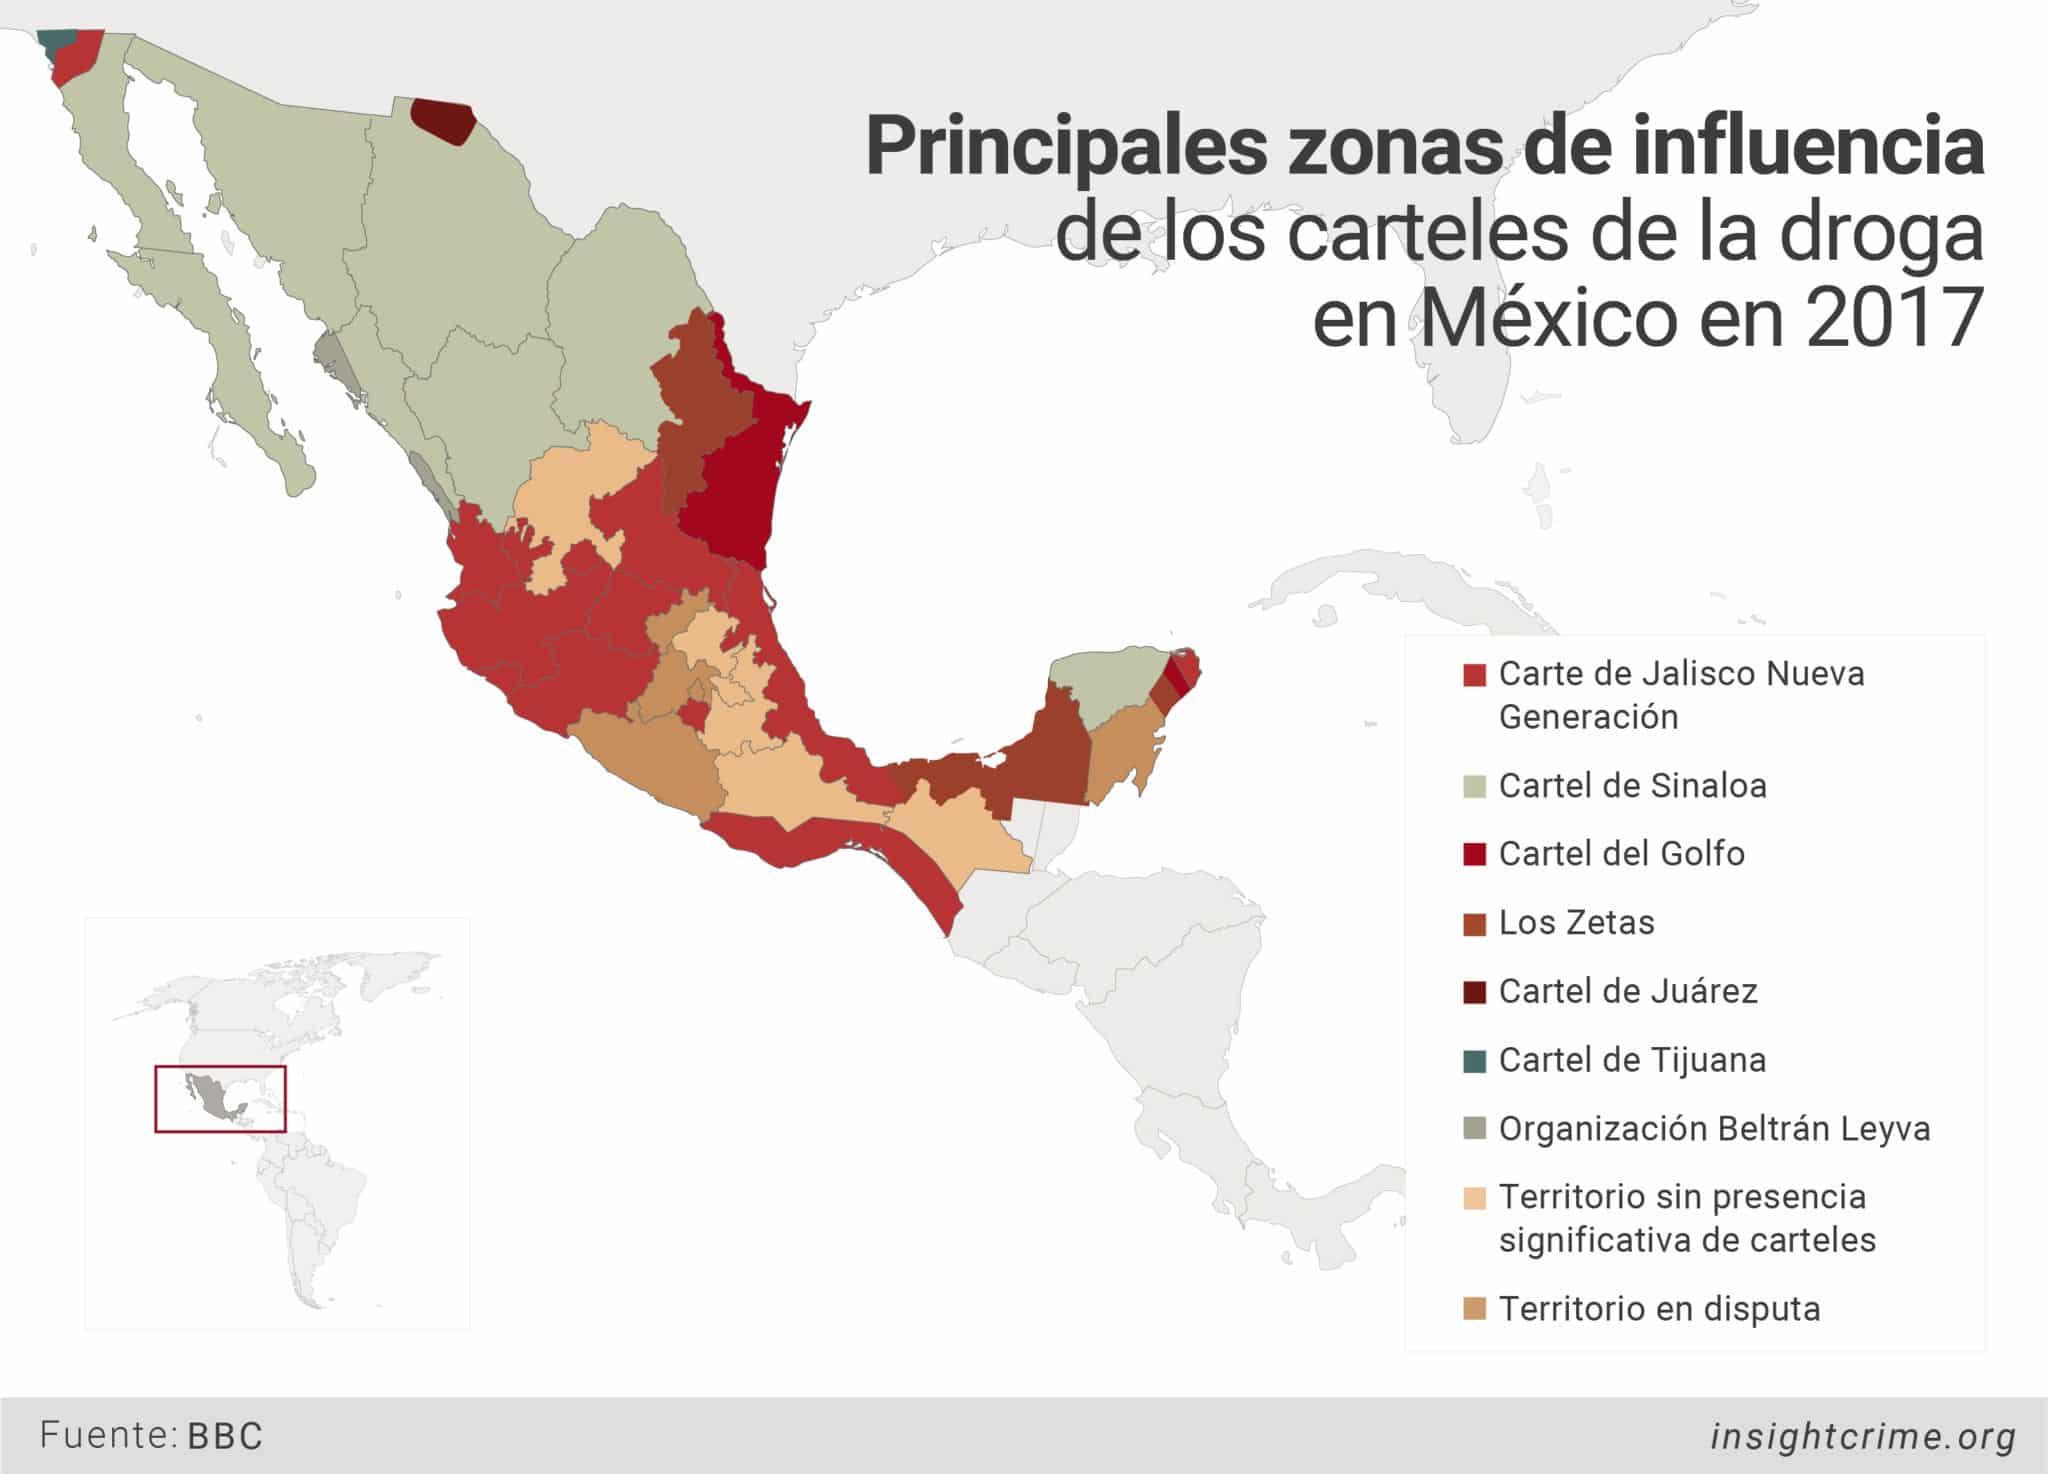 Principales zonas de influencia de los carteles de la droga 2017